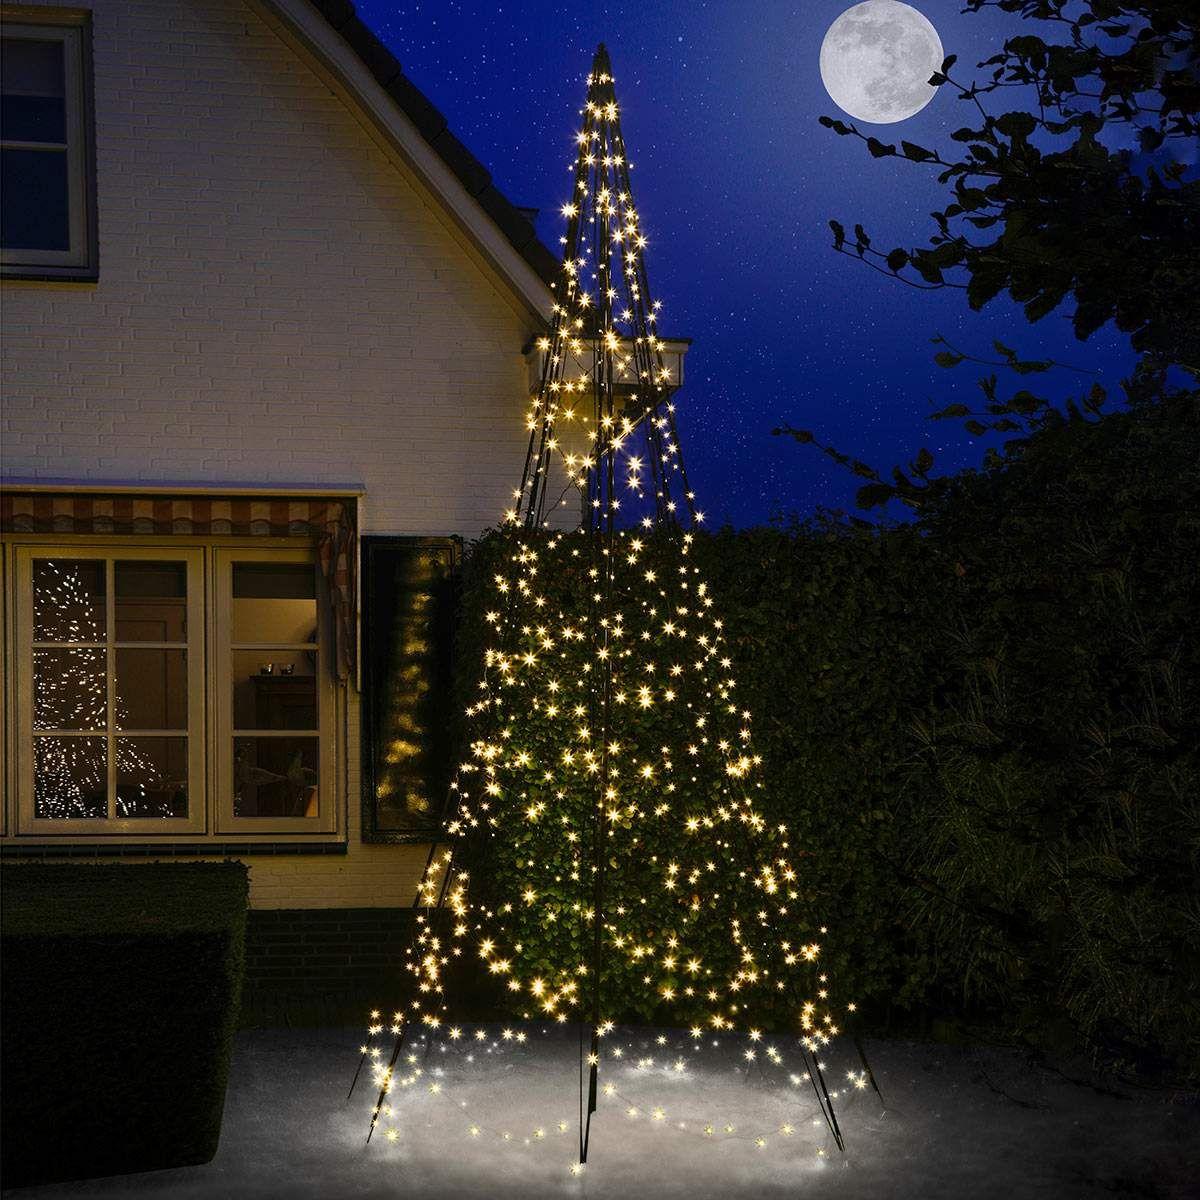 Fairybell Weihnachtsbaum Mit Mast 4 M Weihnachtsbaum Weihnachtsbeleuchtung Led Weihnachtsbaum